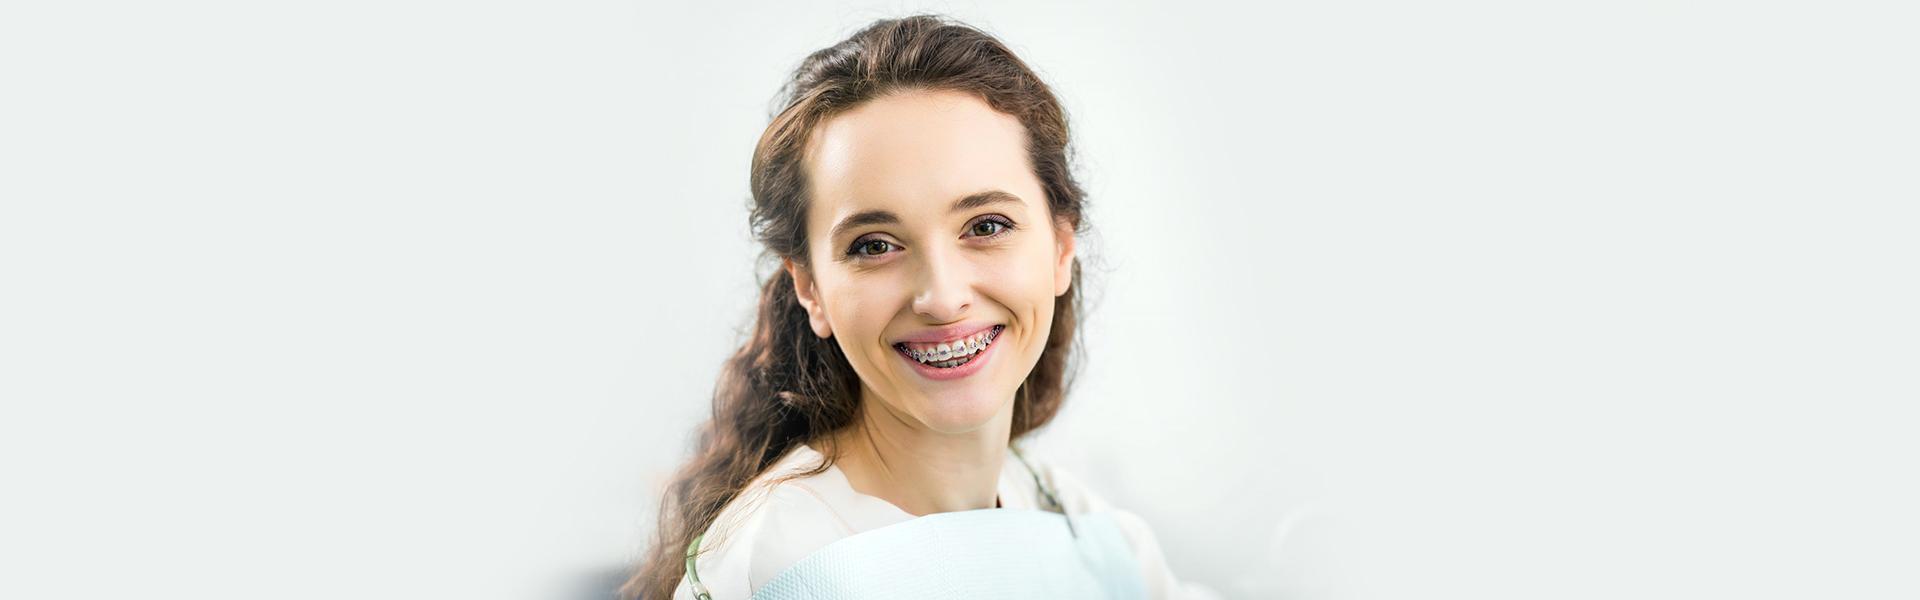 What Is Invisalign Orthodontics?